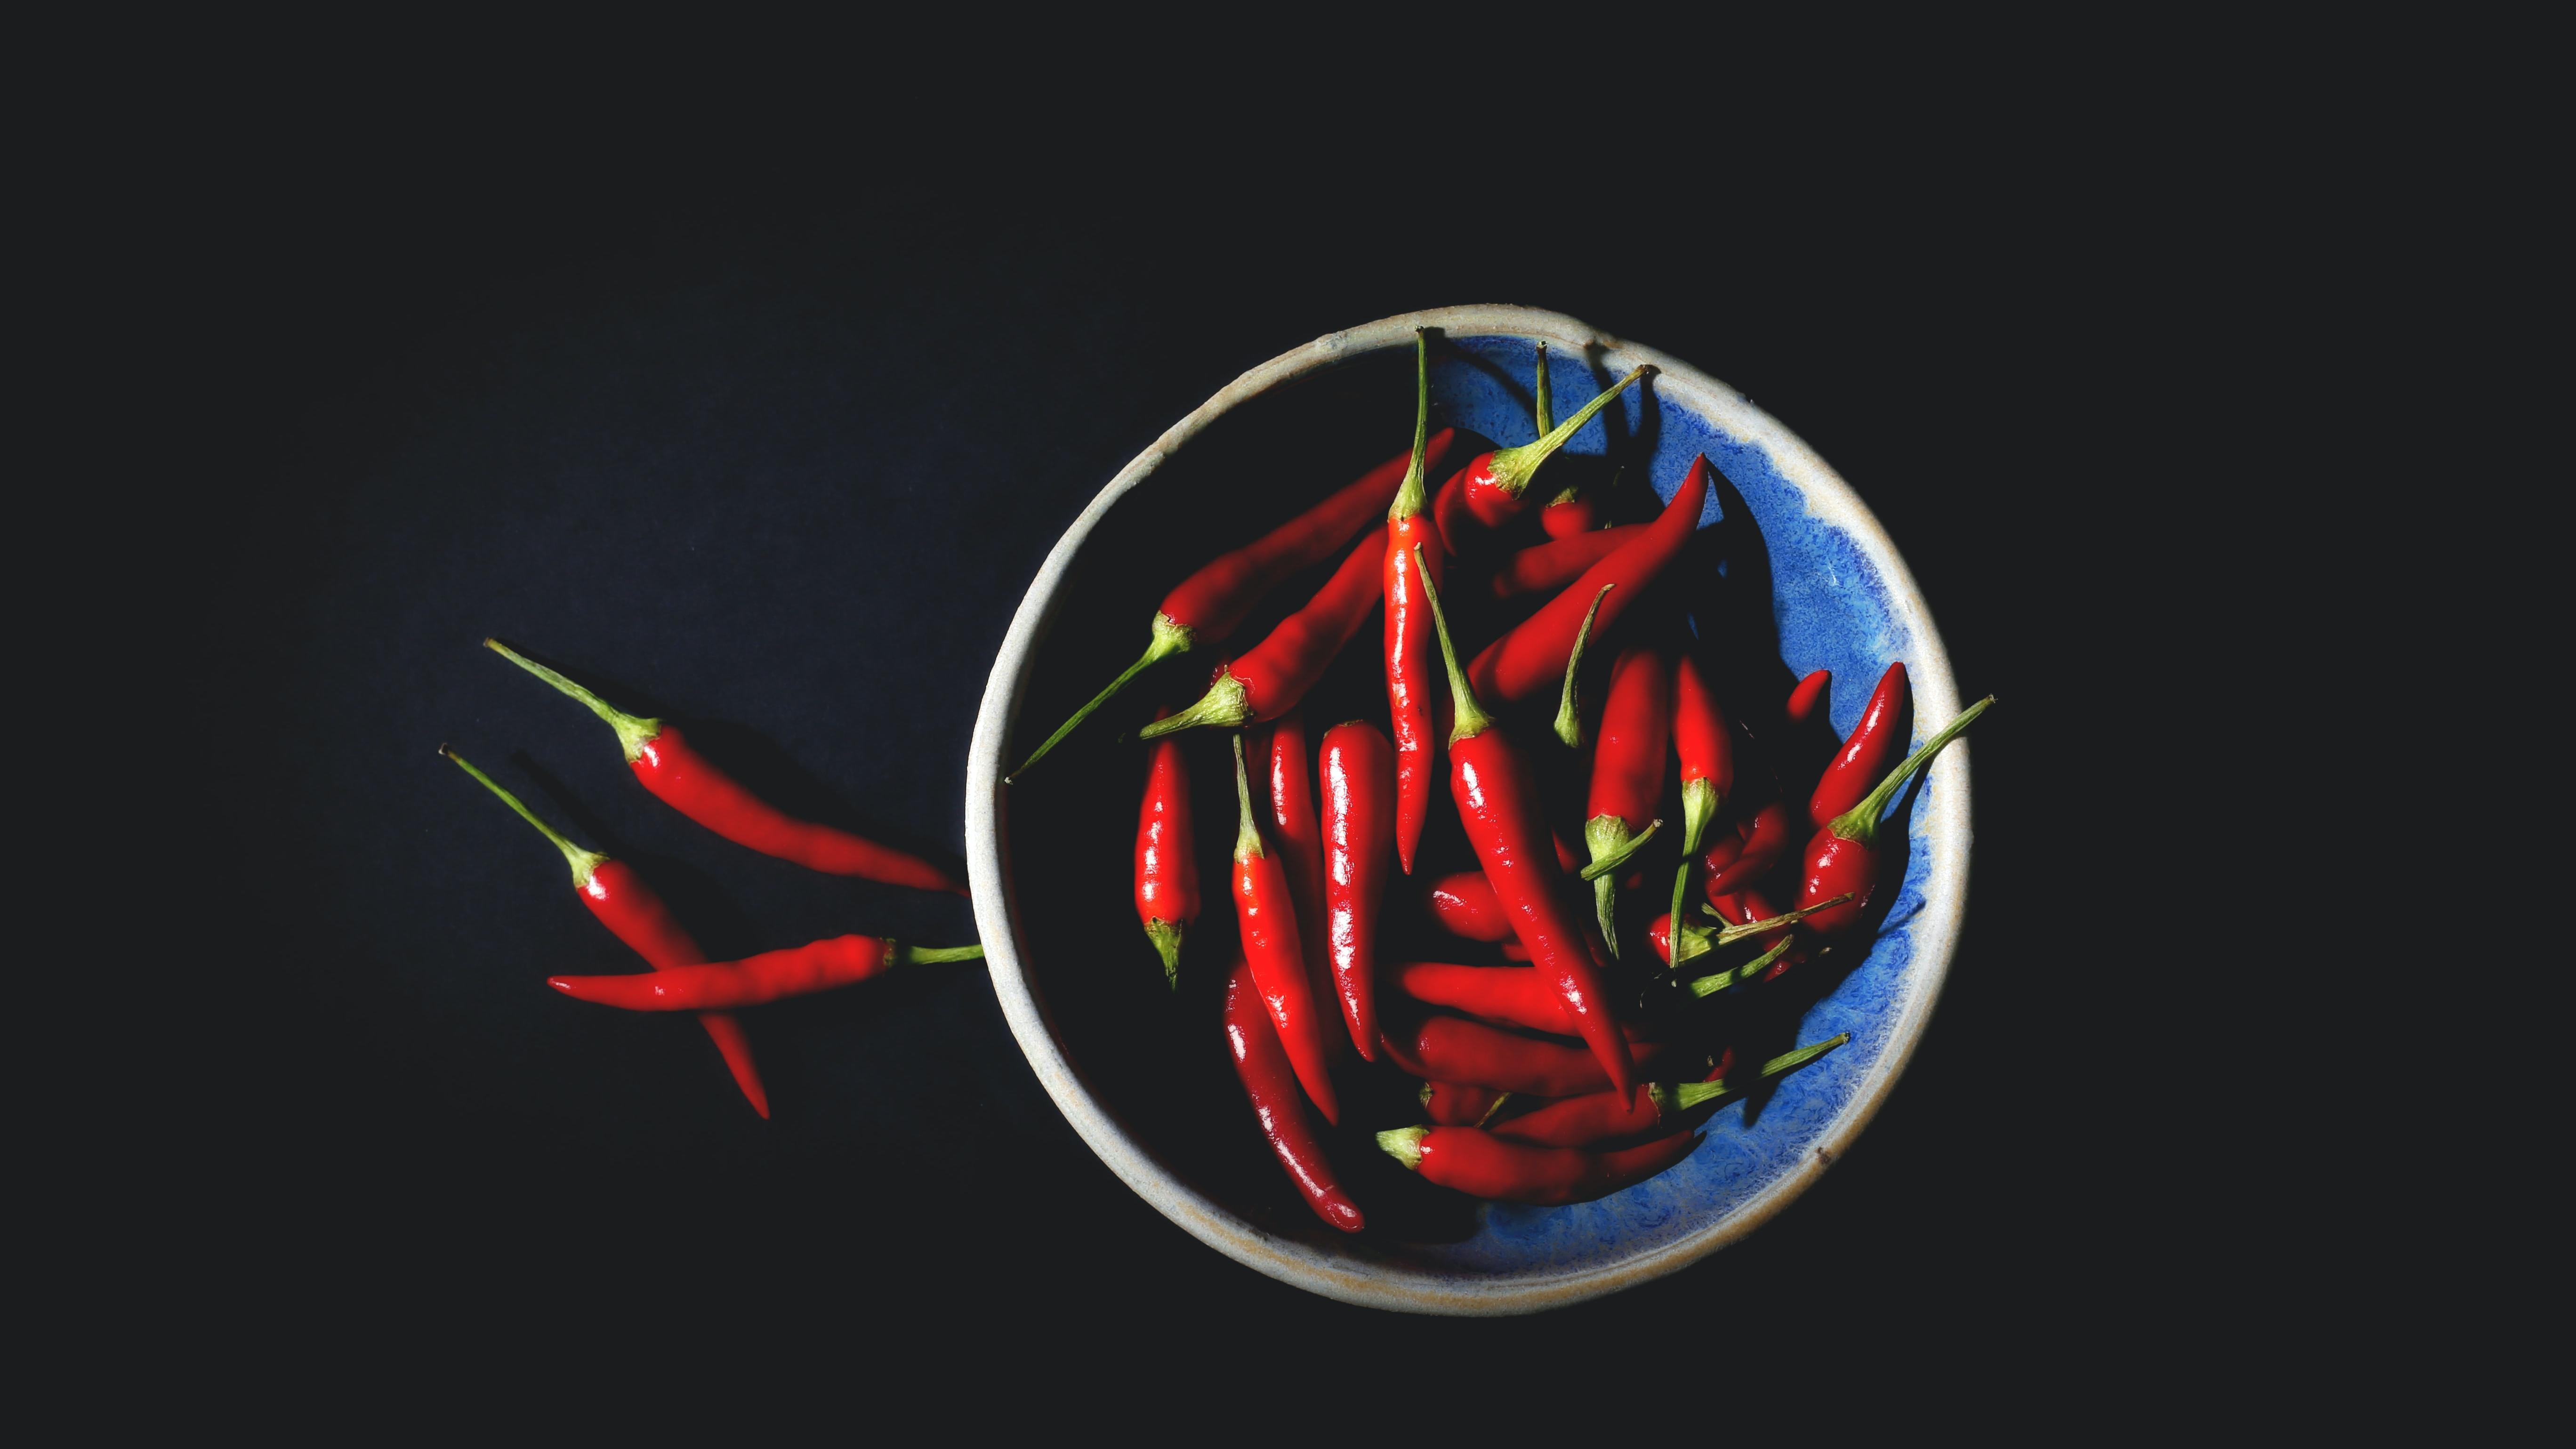 Chilis sind wohl einer der bekanntesten scharfen Lebensmittel.